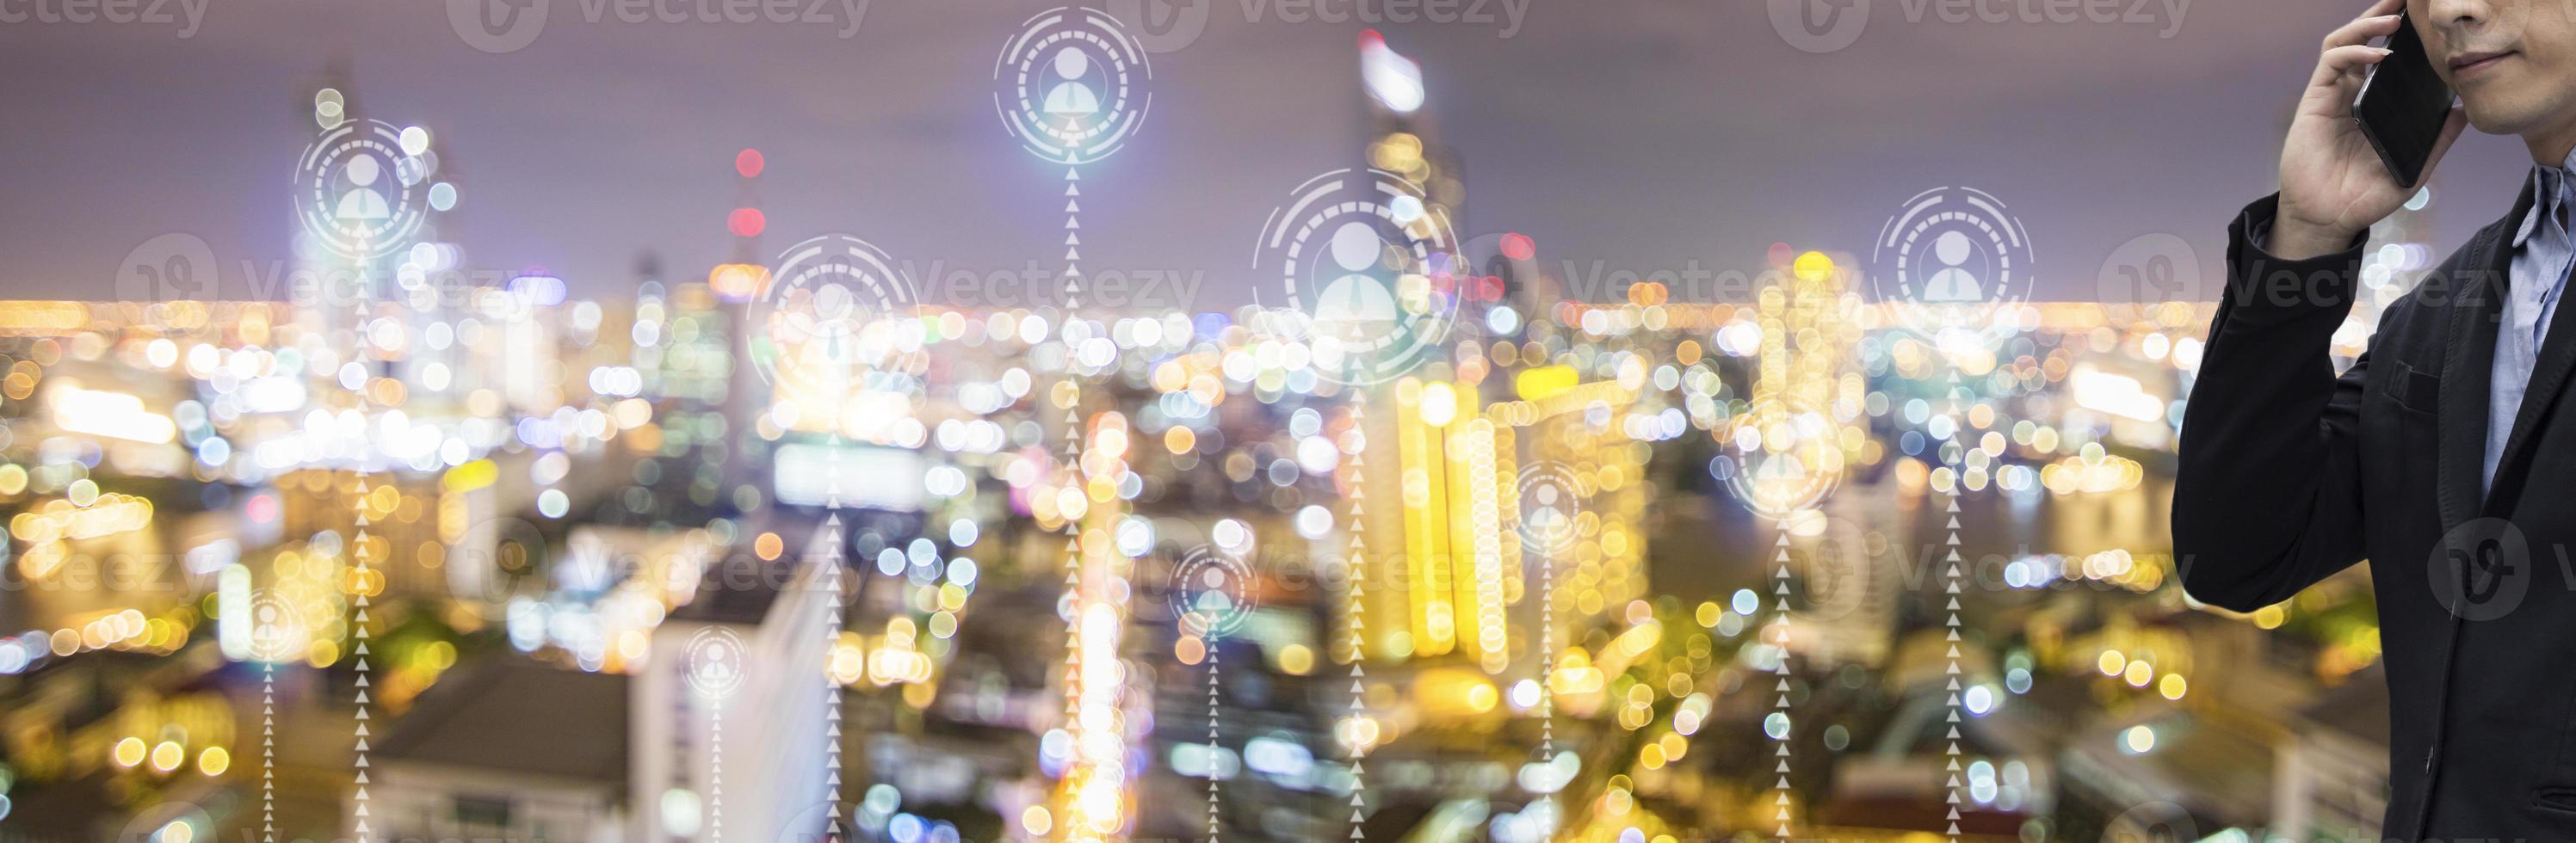 zakenman tijdens een telefoongesprek met stadsachtergrond foto